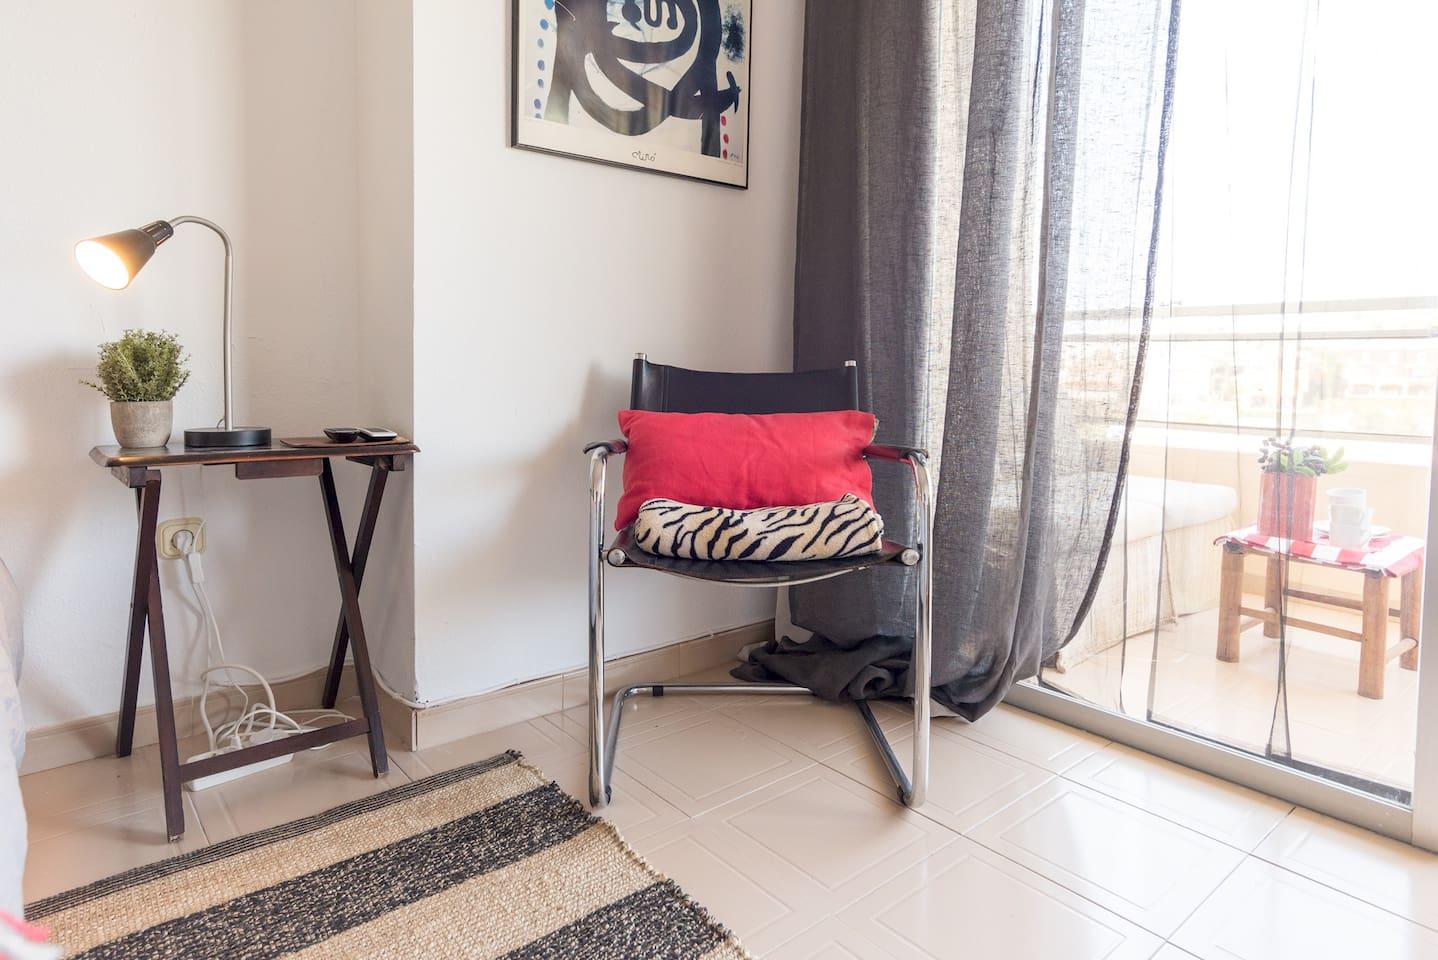 MalagaSuite Marina Golf Apartment